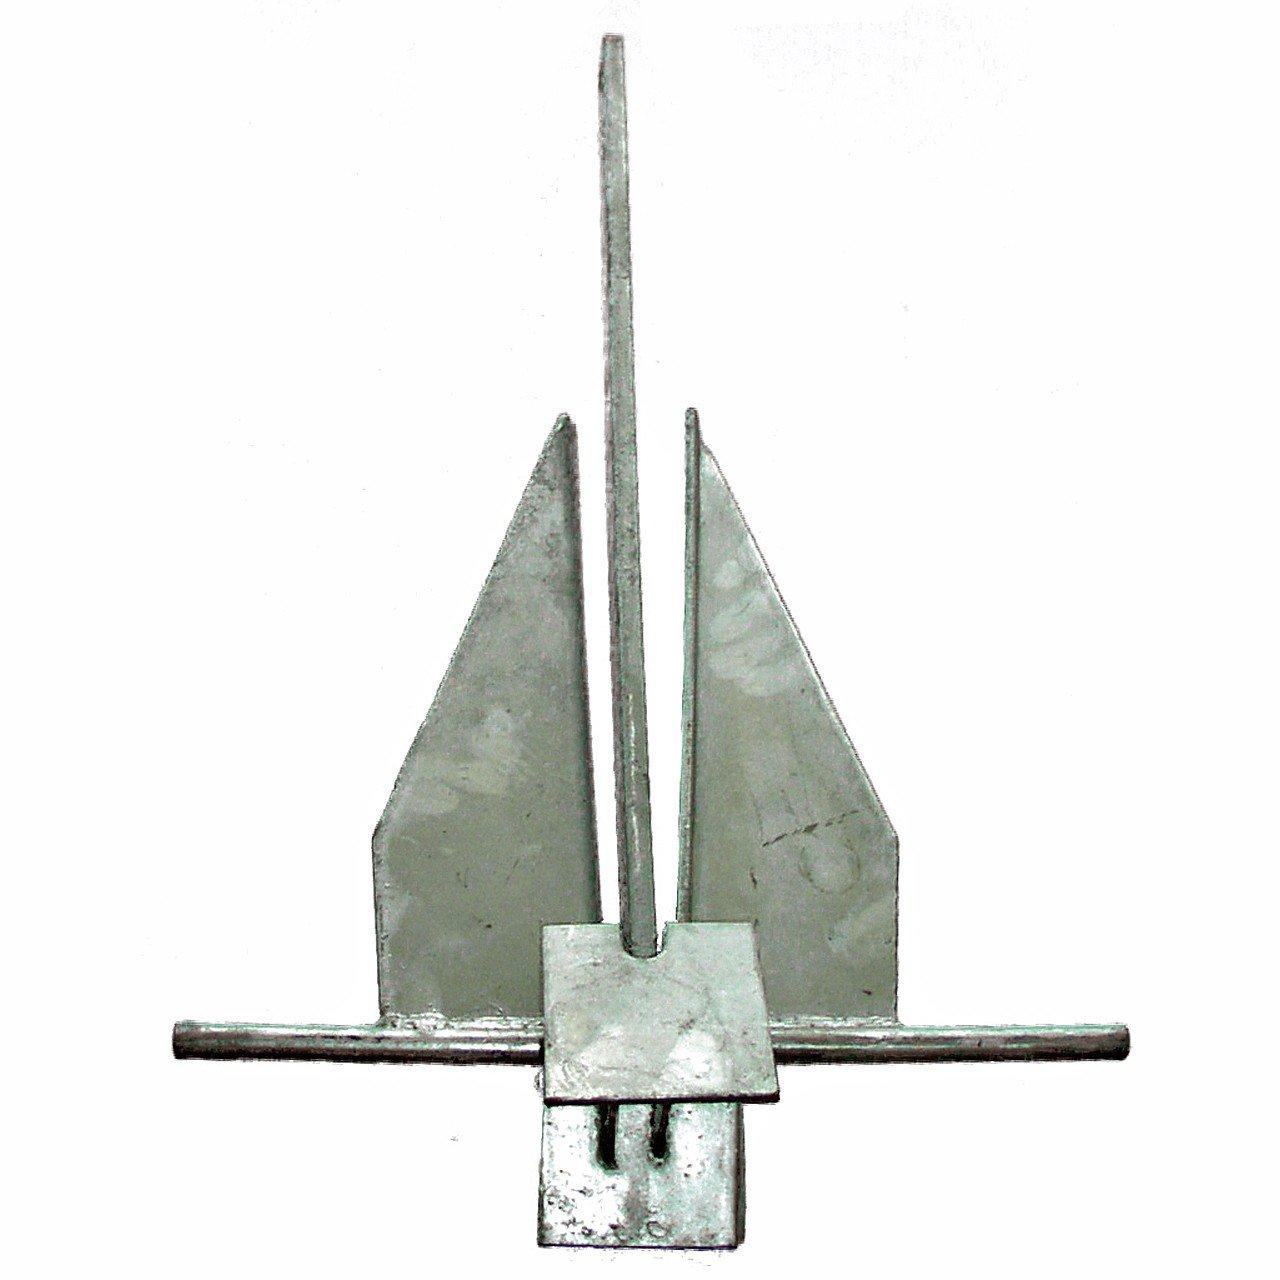 Osculati S.p.A. Danforth Anker verzinkter Stahl 8, 0 kg